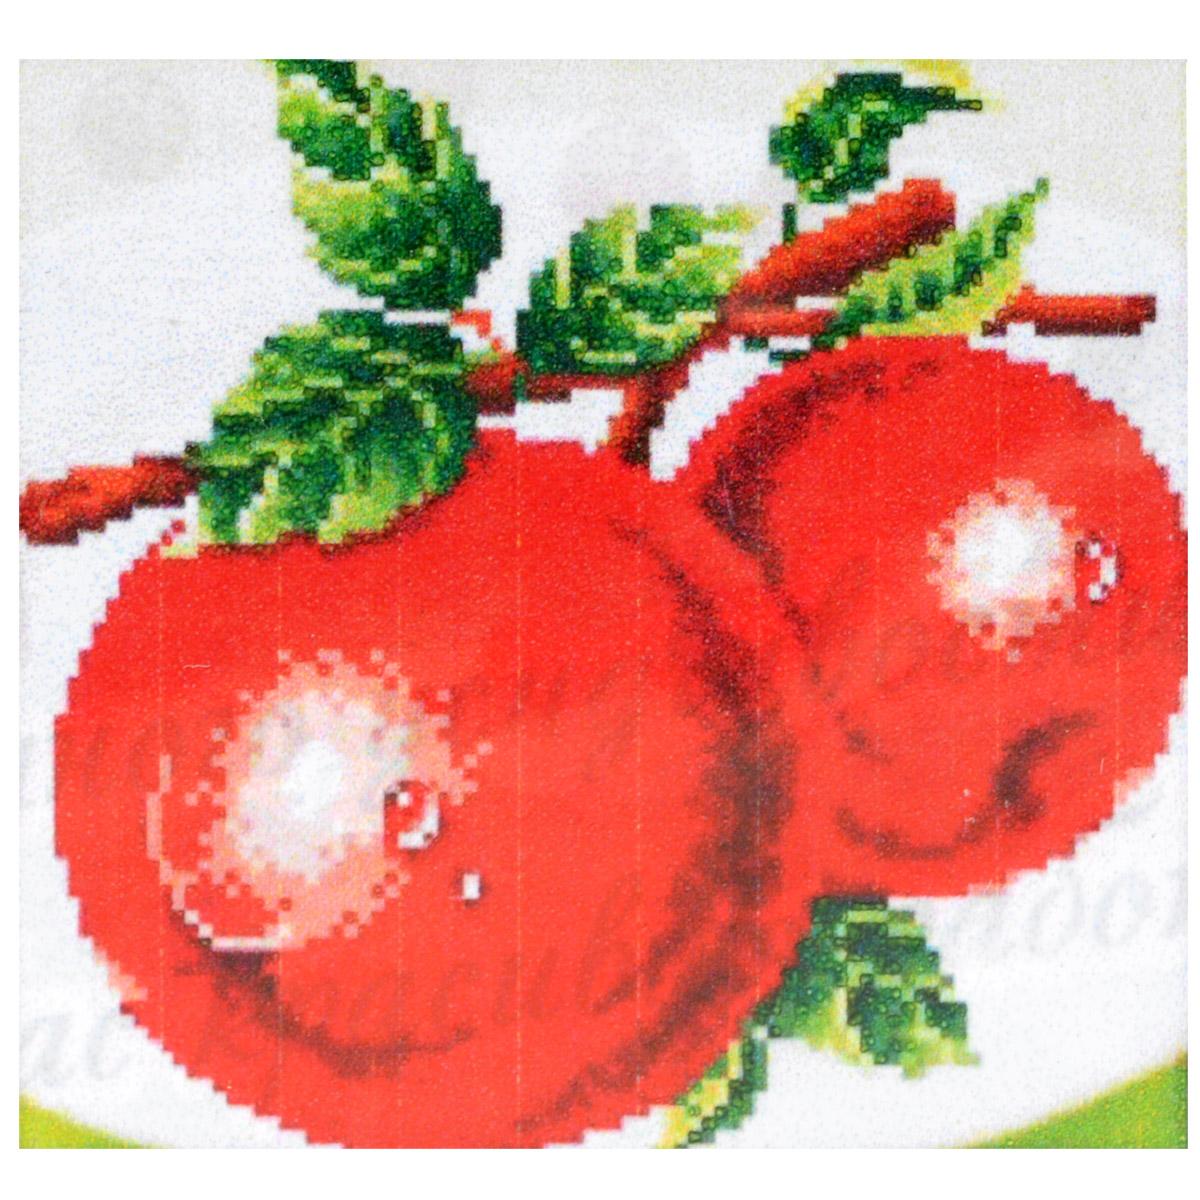 Набор для изготовления картины со стразами Cristal Яблоки, 28 х 29 см7710756.9110Набор для изготовления картины со стразами Cristal Яблоки поможет вам создать свой личный шедевр. Работа, выполненная своими руками, станет отличным подарком для друзей и близких! Набор содержит: - полотно-схема с нанесенным рисунком и клеевым слоем (размер 39 см х 38 см); - пластиковое блюдце; - стразы (20 цветов); - клей для страз; - карандаш; - точилка; - пинцет; - 2 ватные палочки; - 2 маленьких пакетика; - инструкция на русском языке. Подарите близким тепло ваших рук!